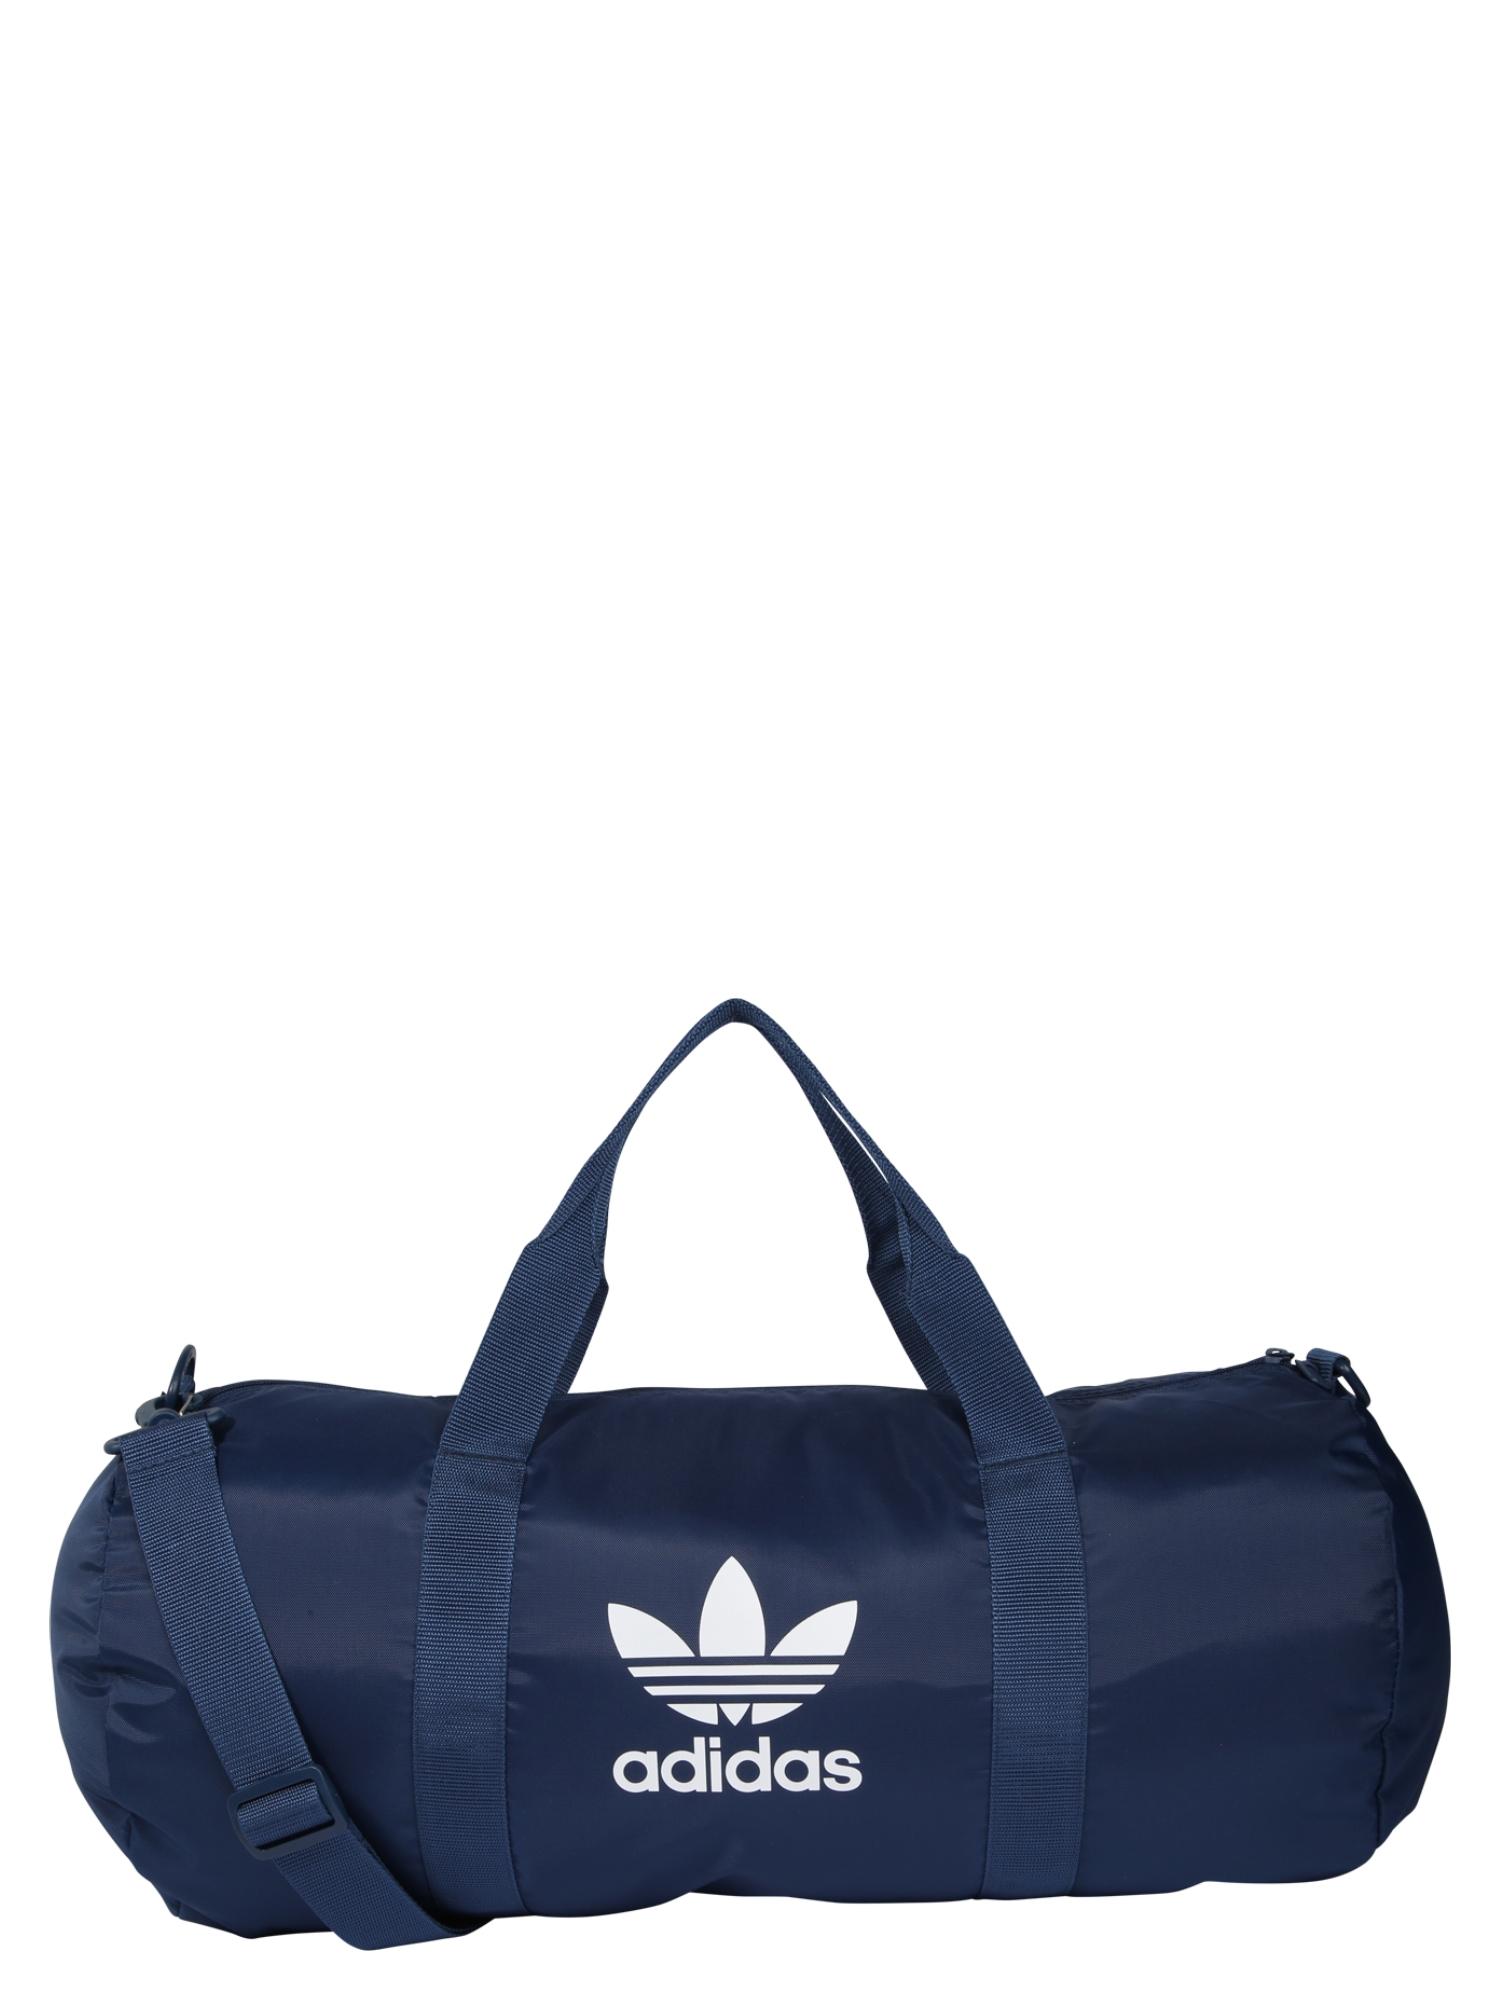 ADIDAS ORIGINALS Kelioninis krepšys 'AC DUFFLE' balta / tamsiai mėlyna